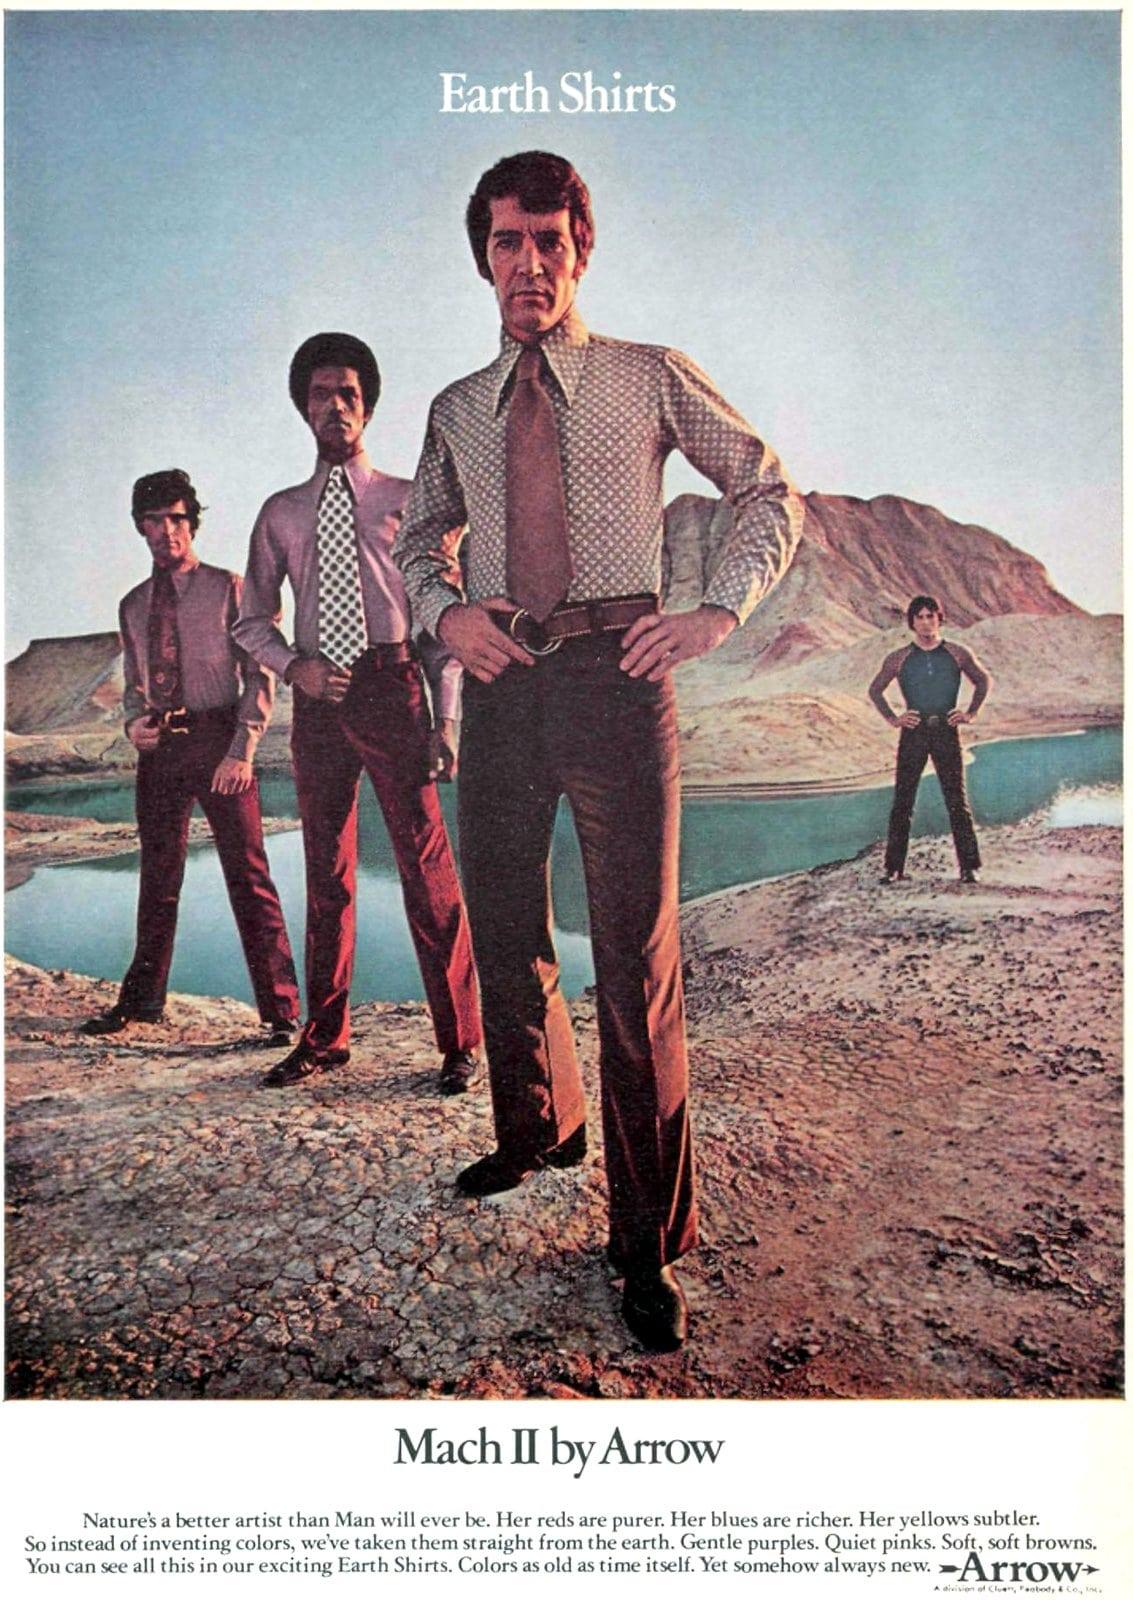 Vintage menswear - Mach II earth shirts by Arrow (1971)